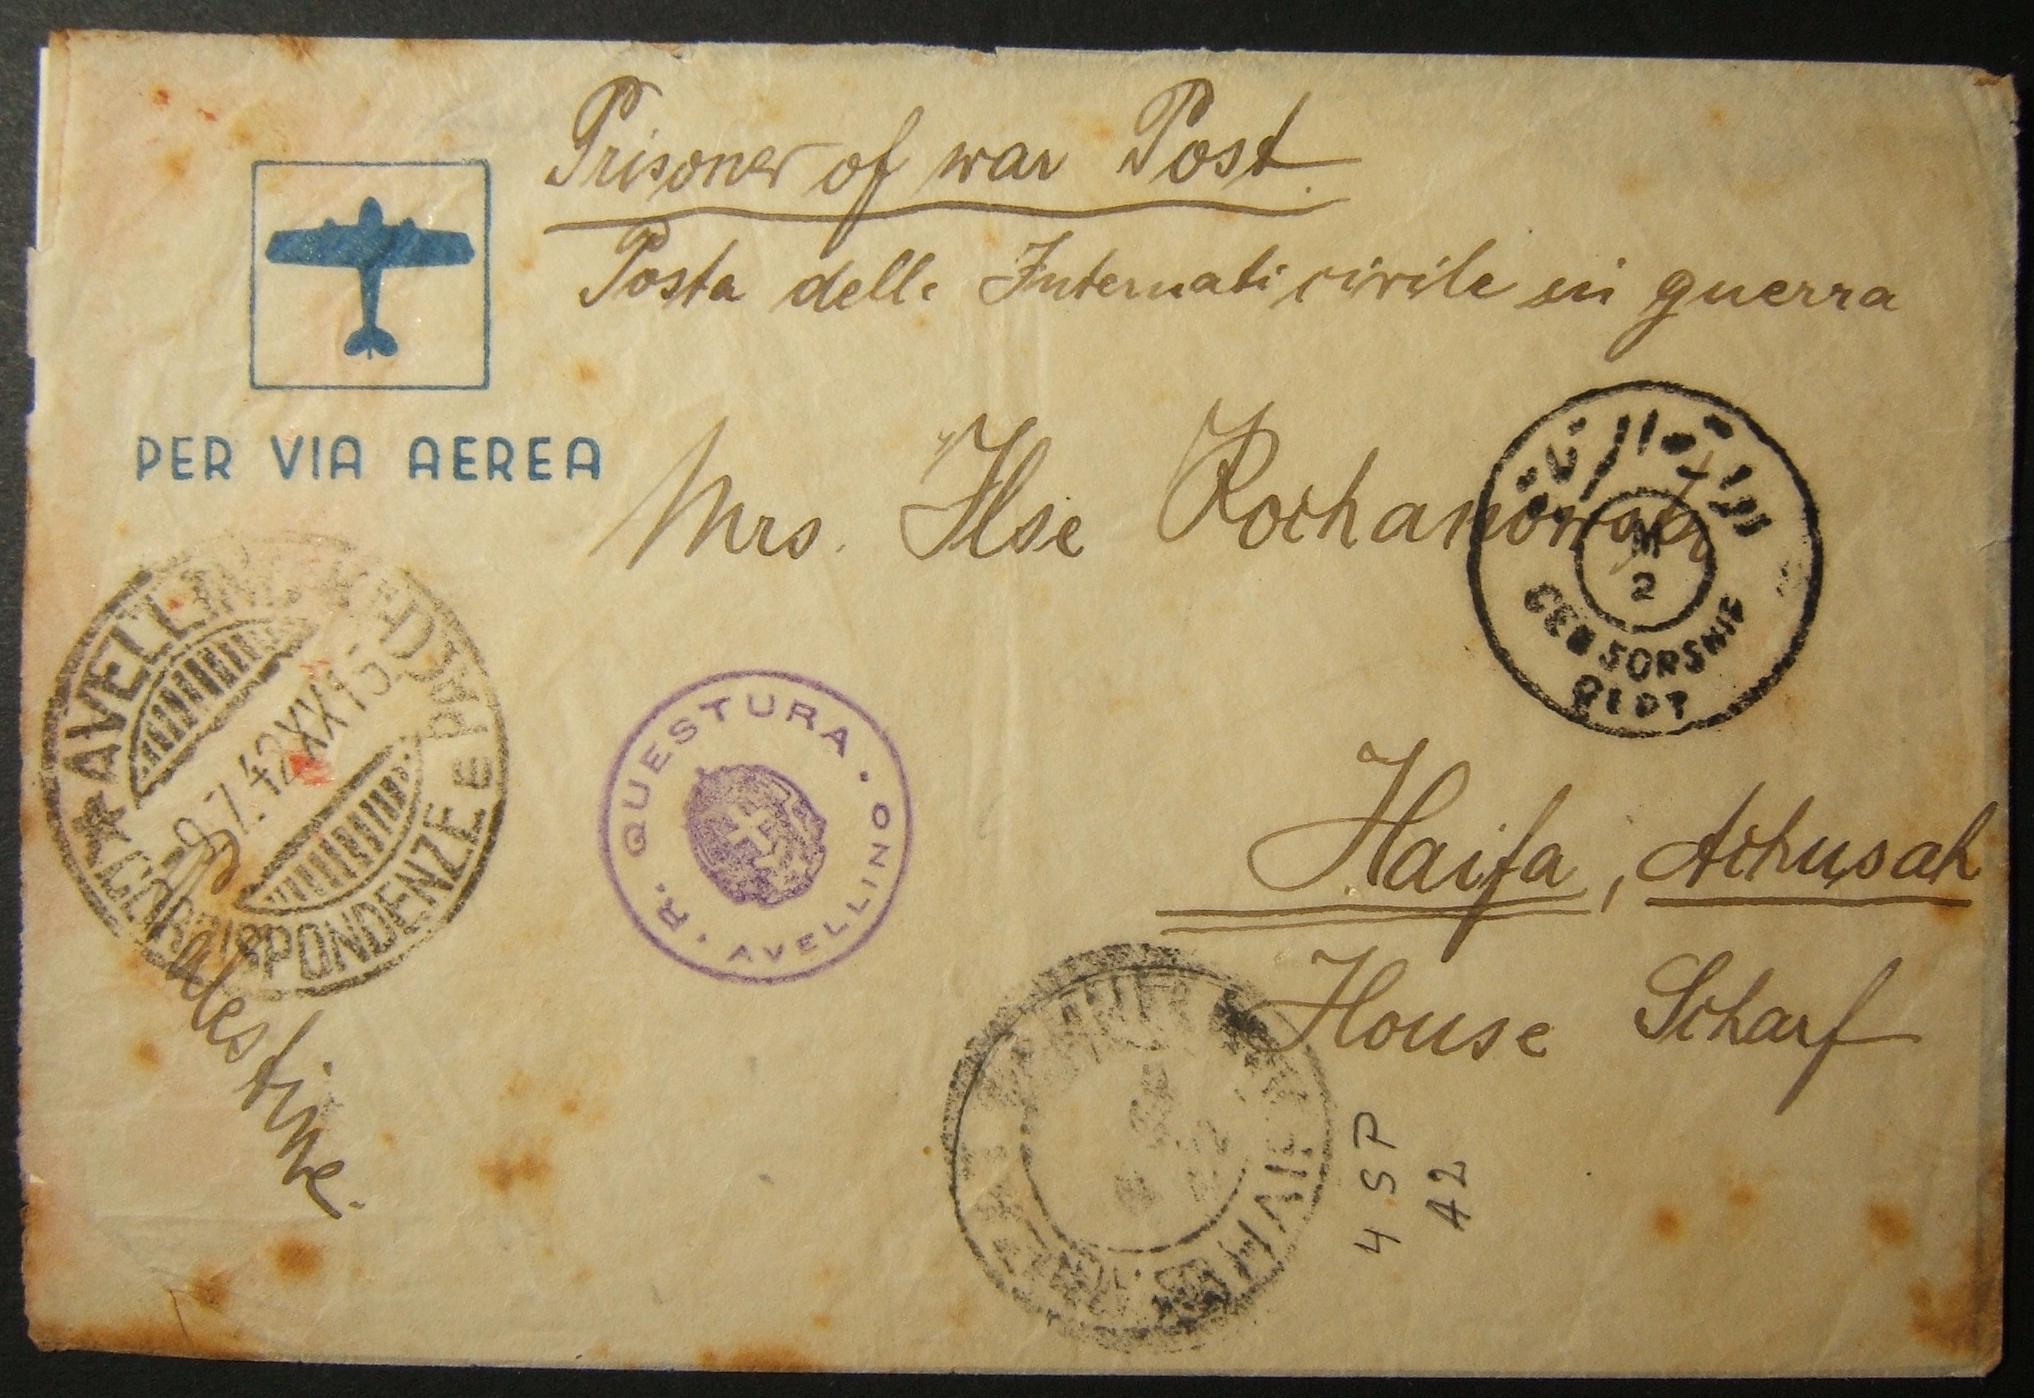 7/1942 דואר אלקטרוני של מעפילים יהודיים מצונזרים, רב-מצונזר, מאיטליה ועד חיפה באמצעות עמדת שבויים